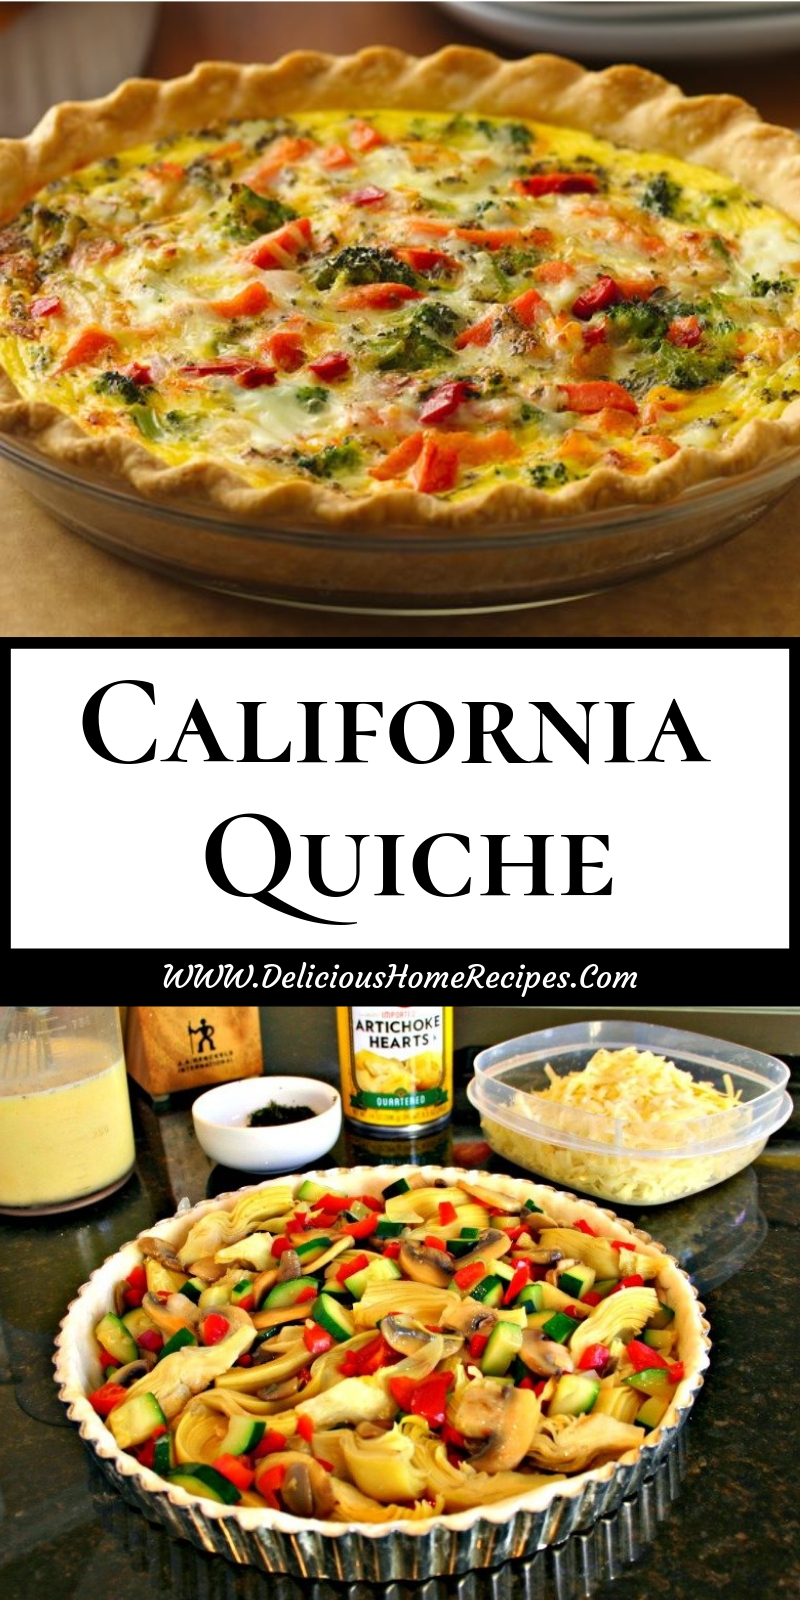 California Quiche